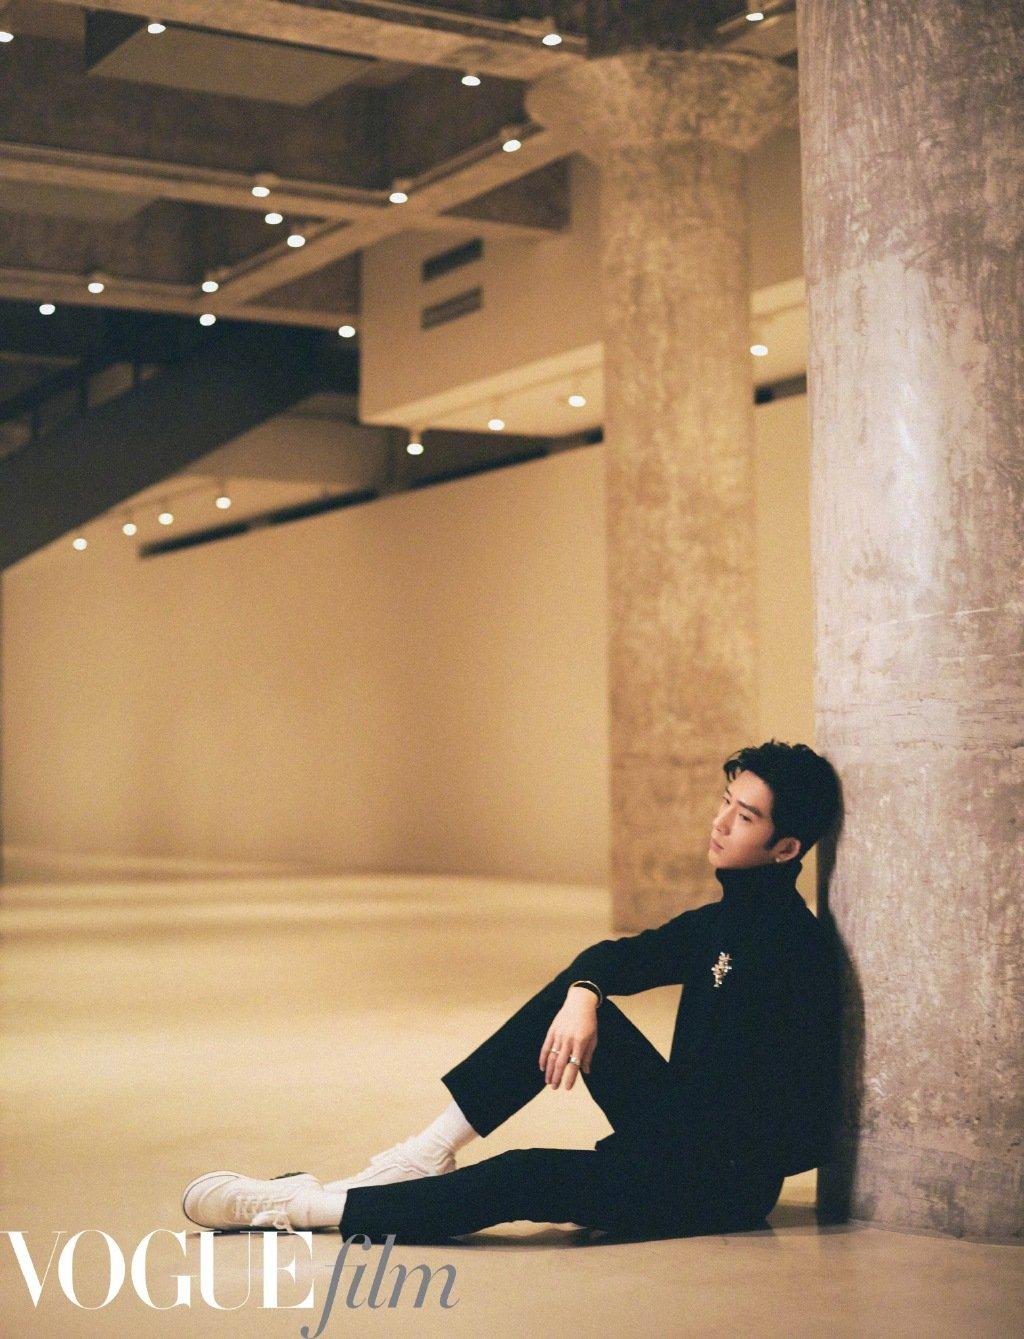 井柏然身着黑色高领毛衣搭配白色运动鞋,利落至简的优雅绅士。